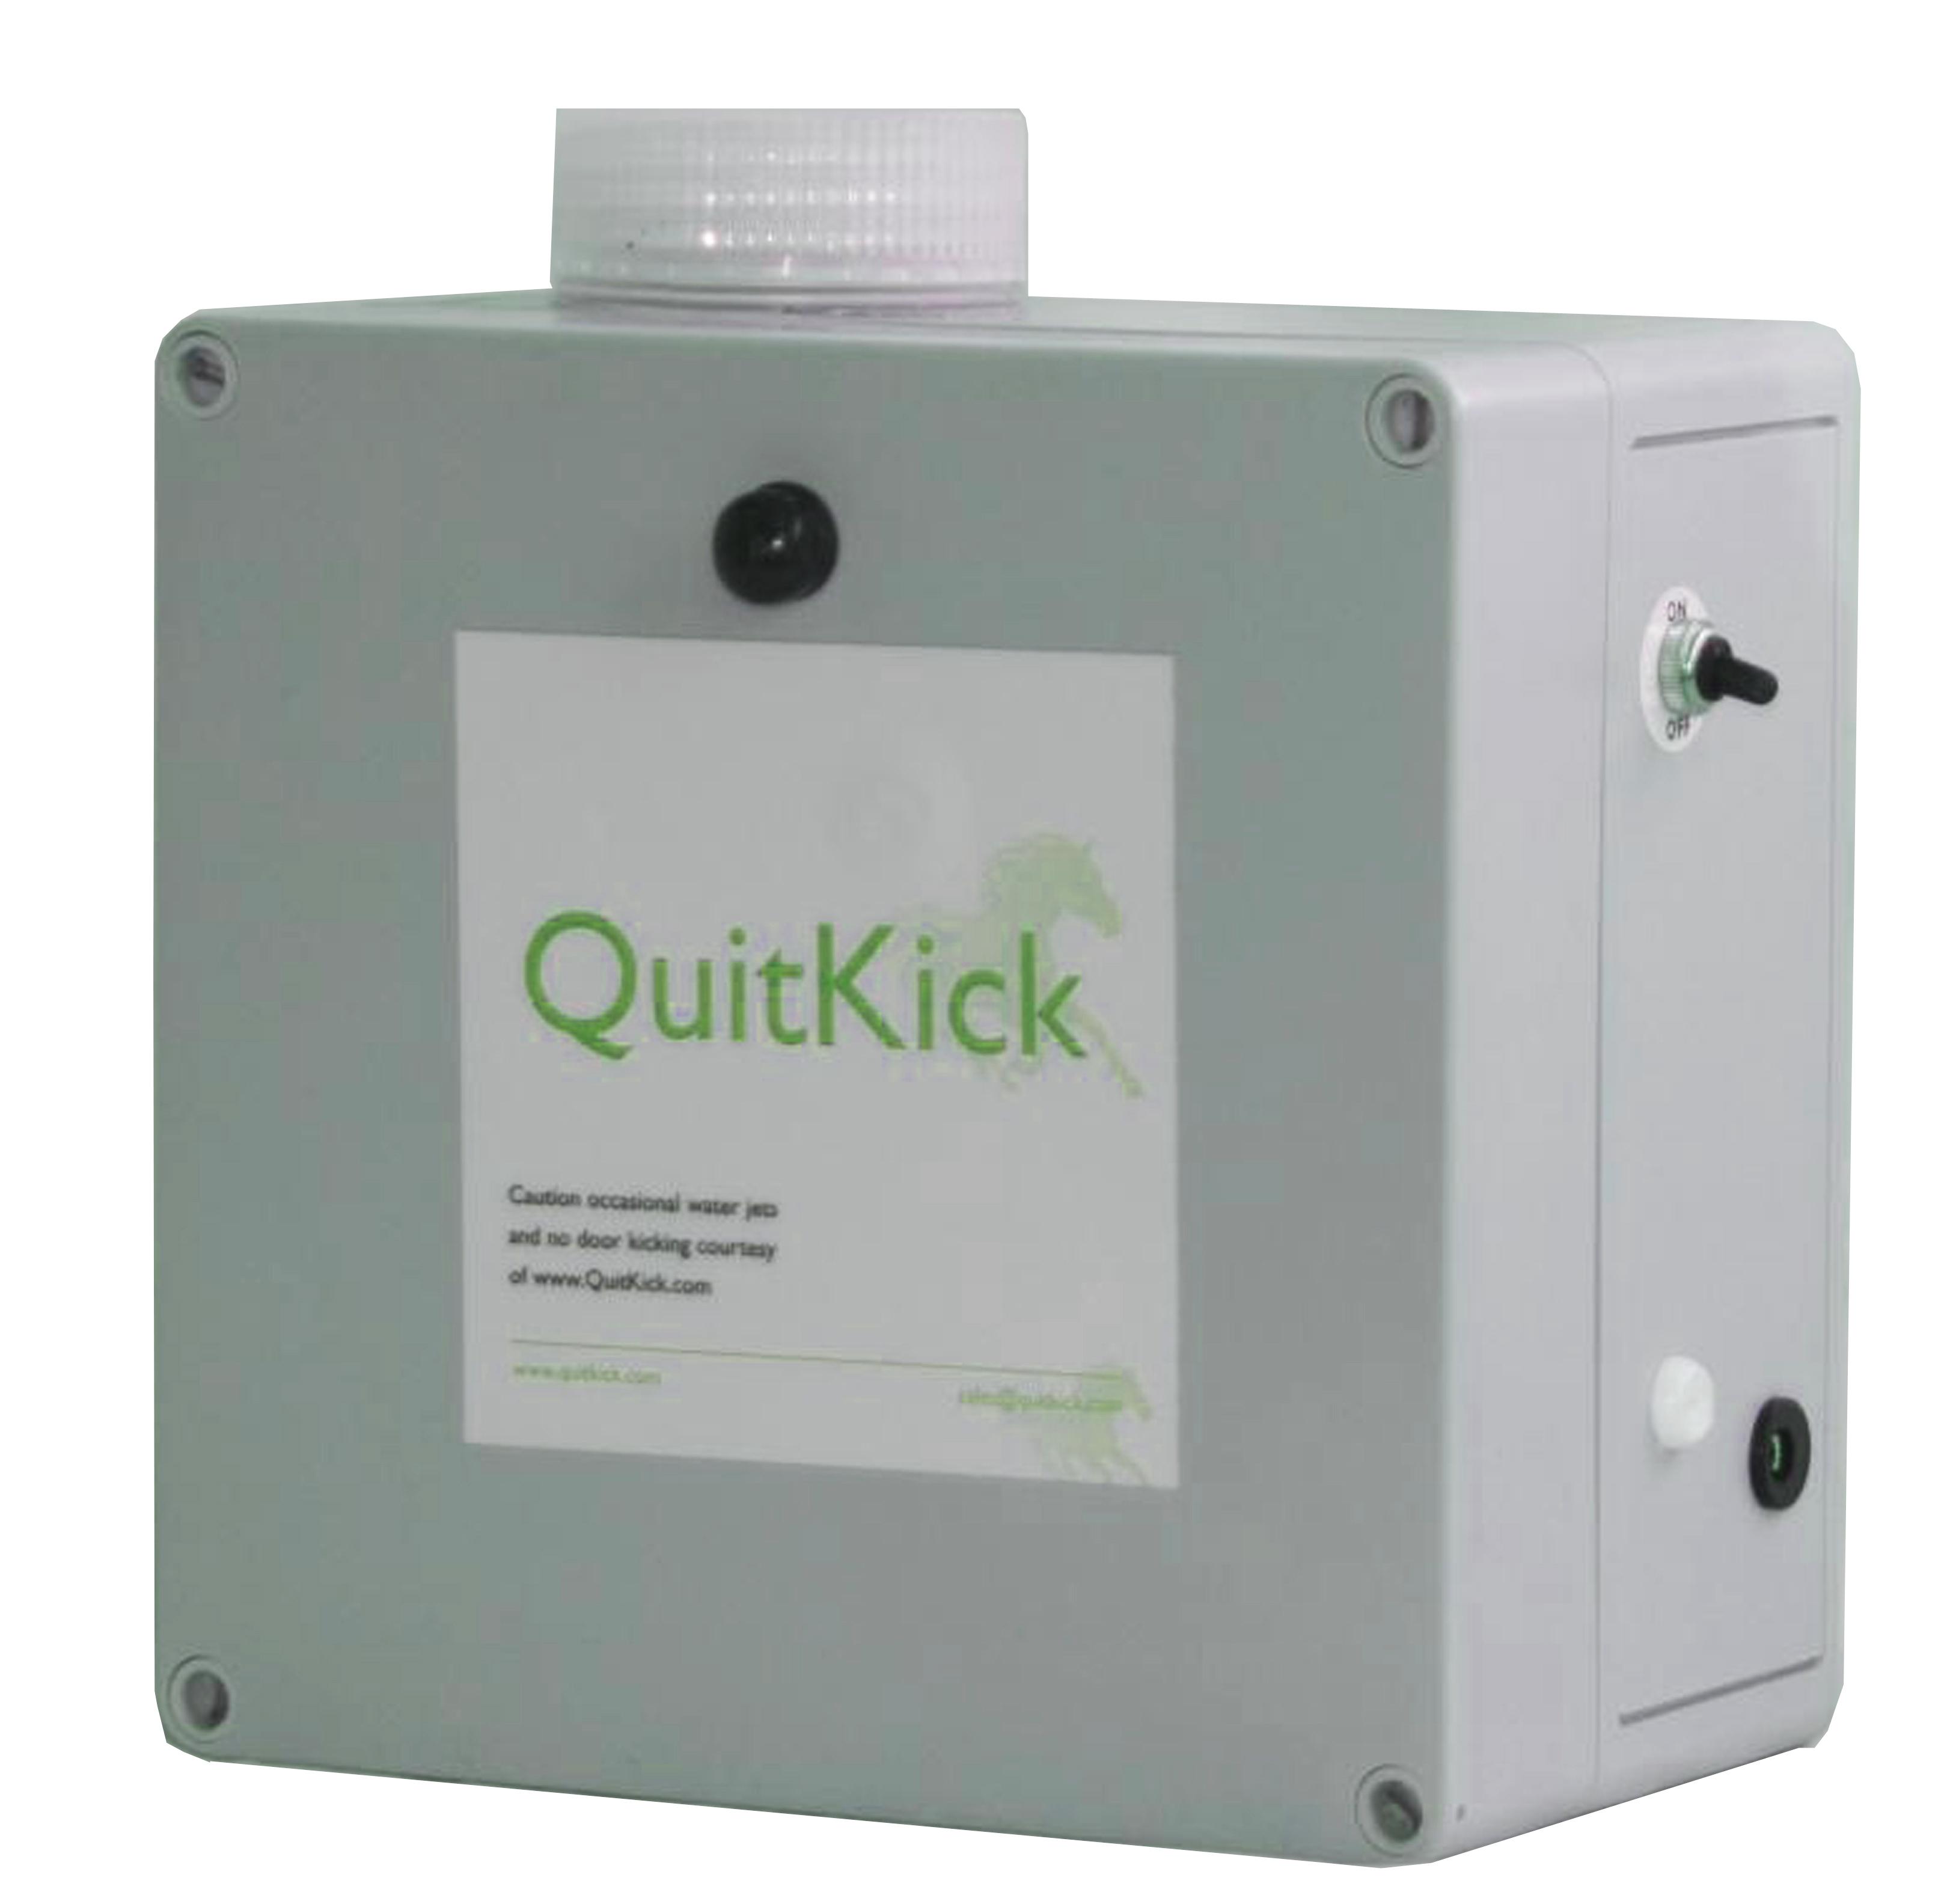 quitkick_unit_w_no_background.jpg